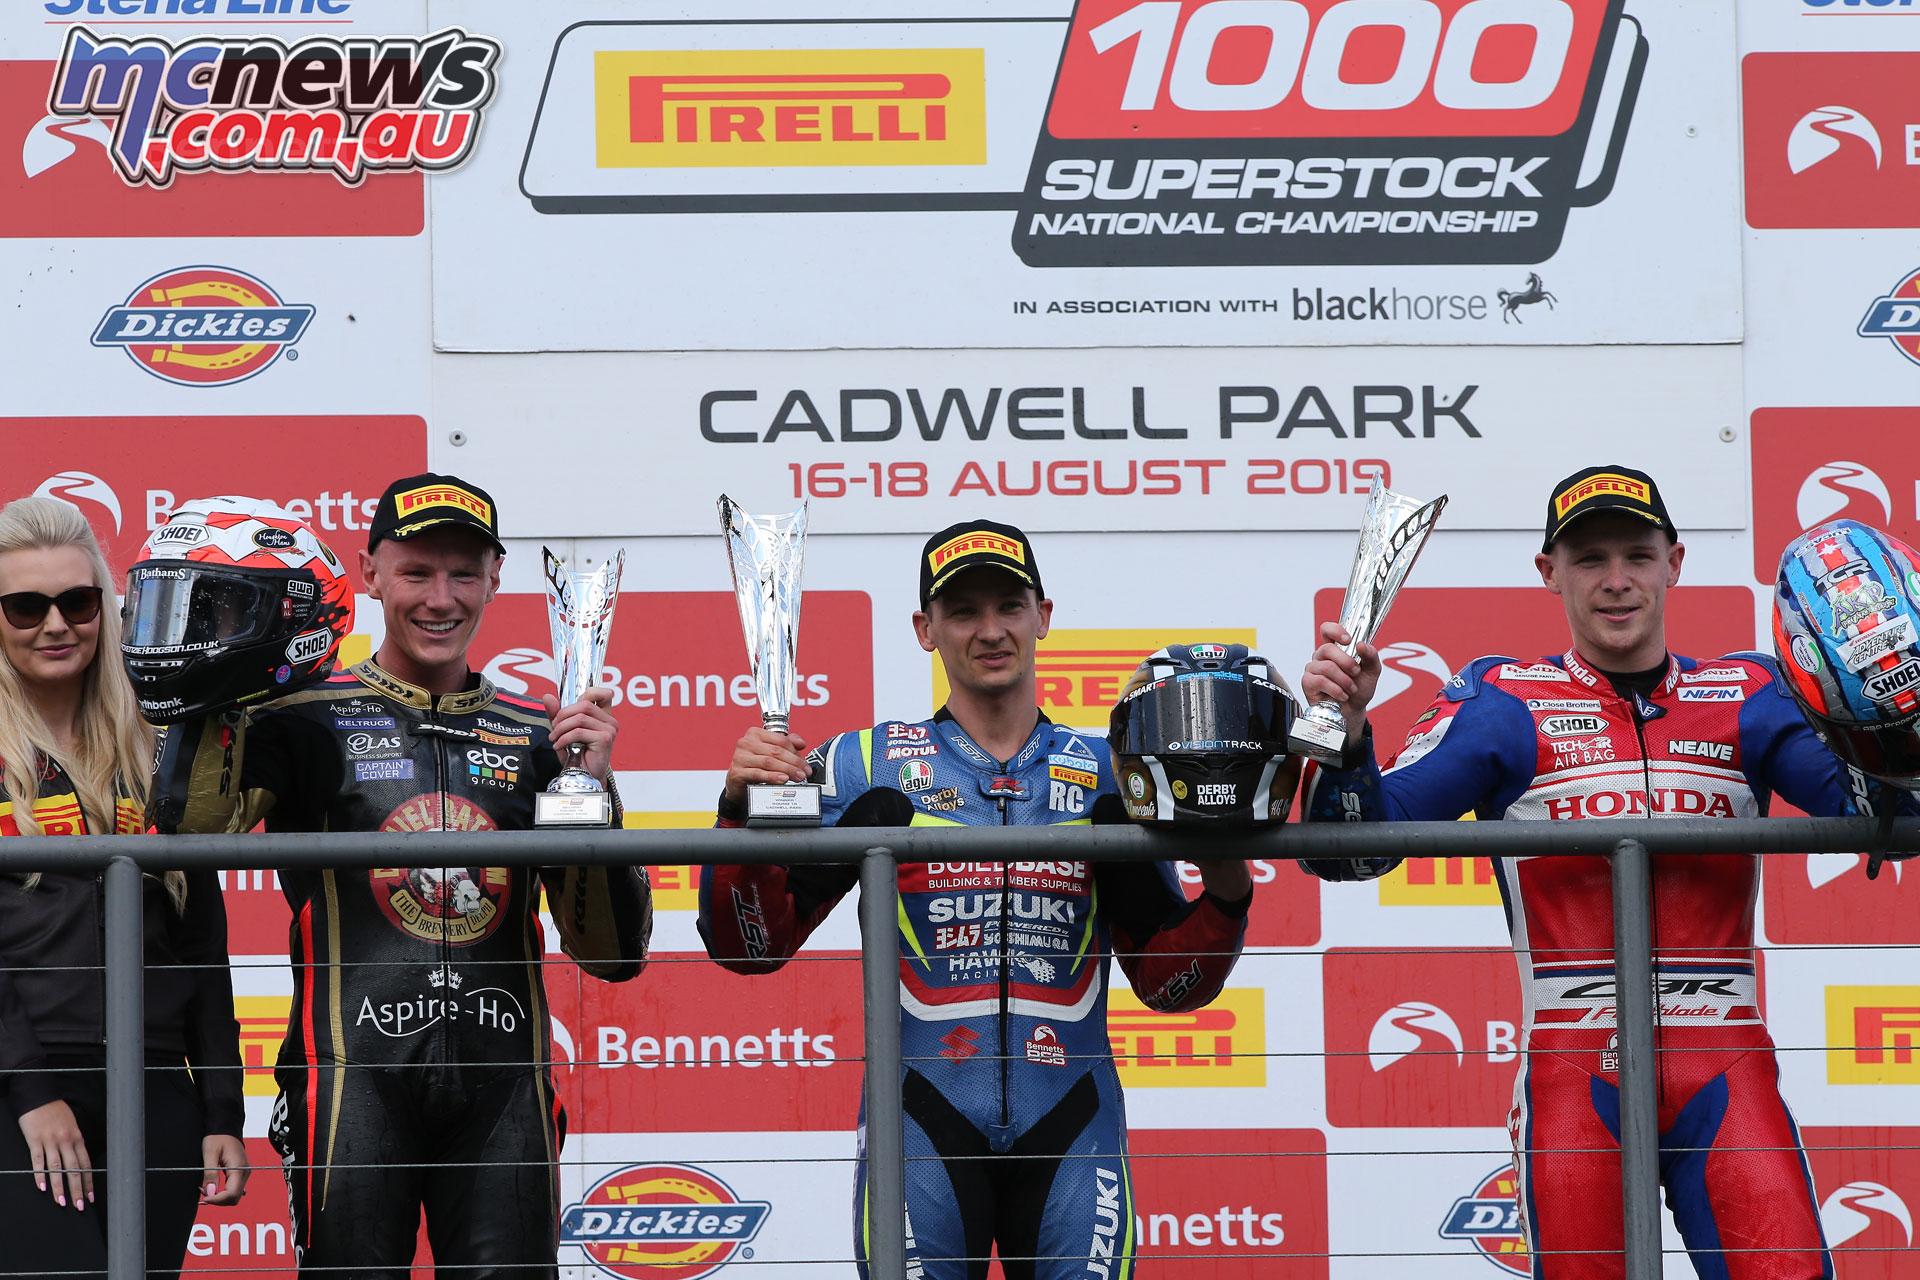 BSB Cadwell Park Richard Cooper podium AROA